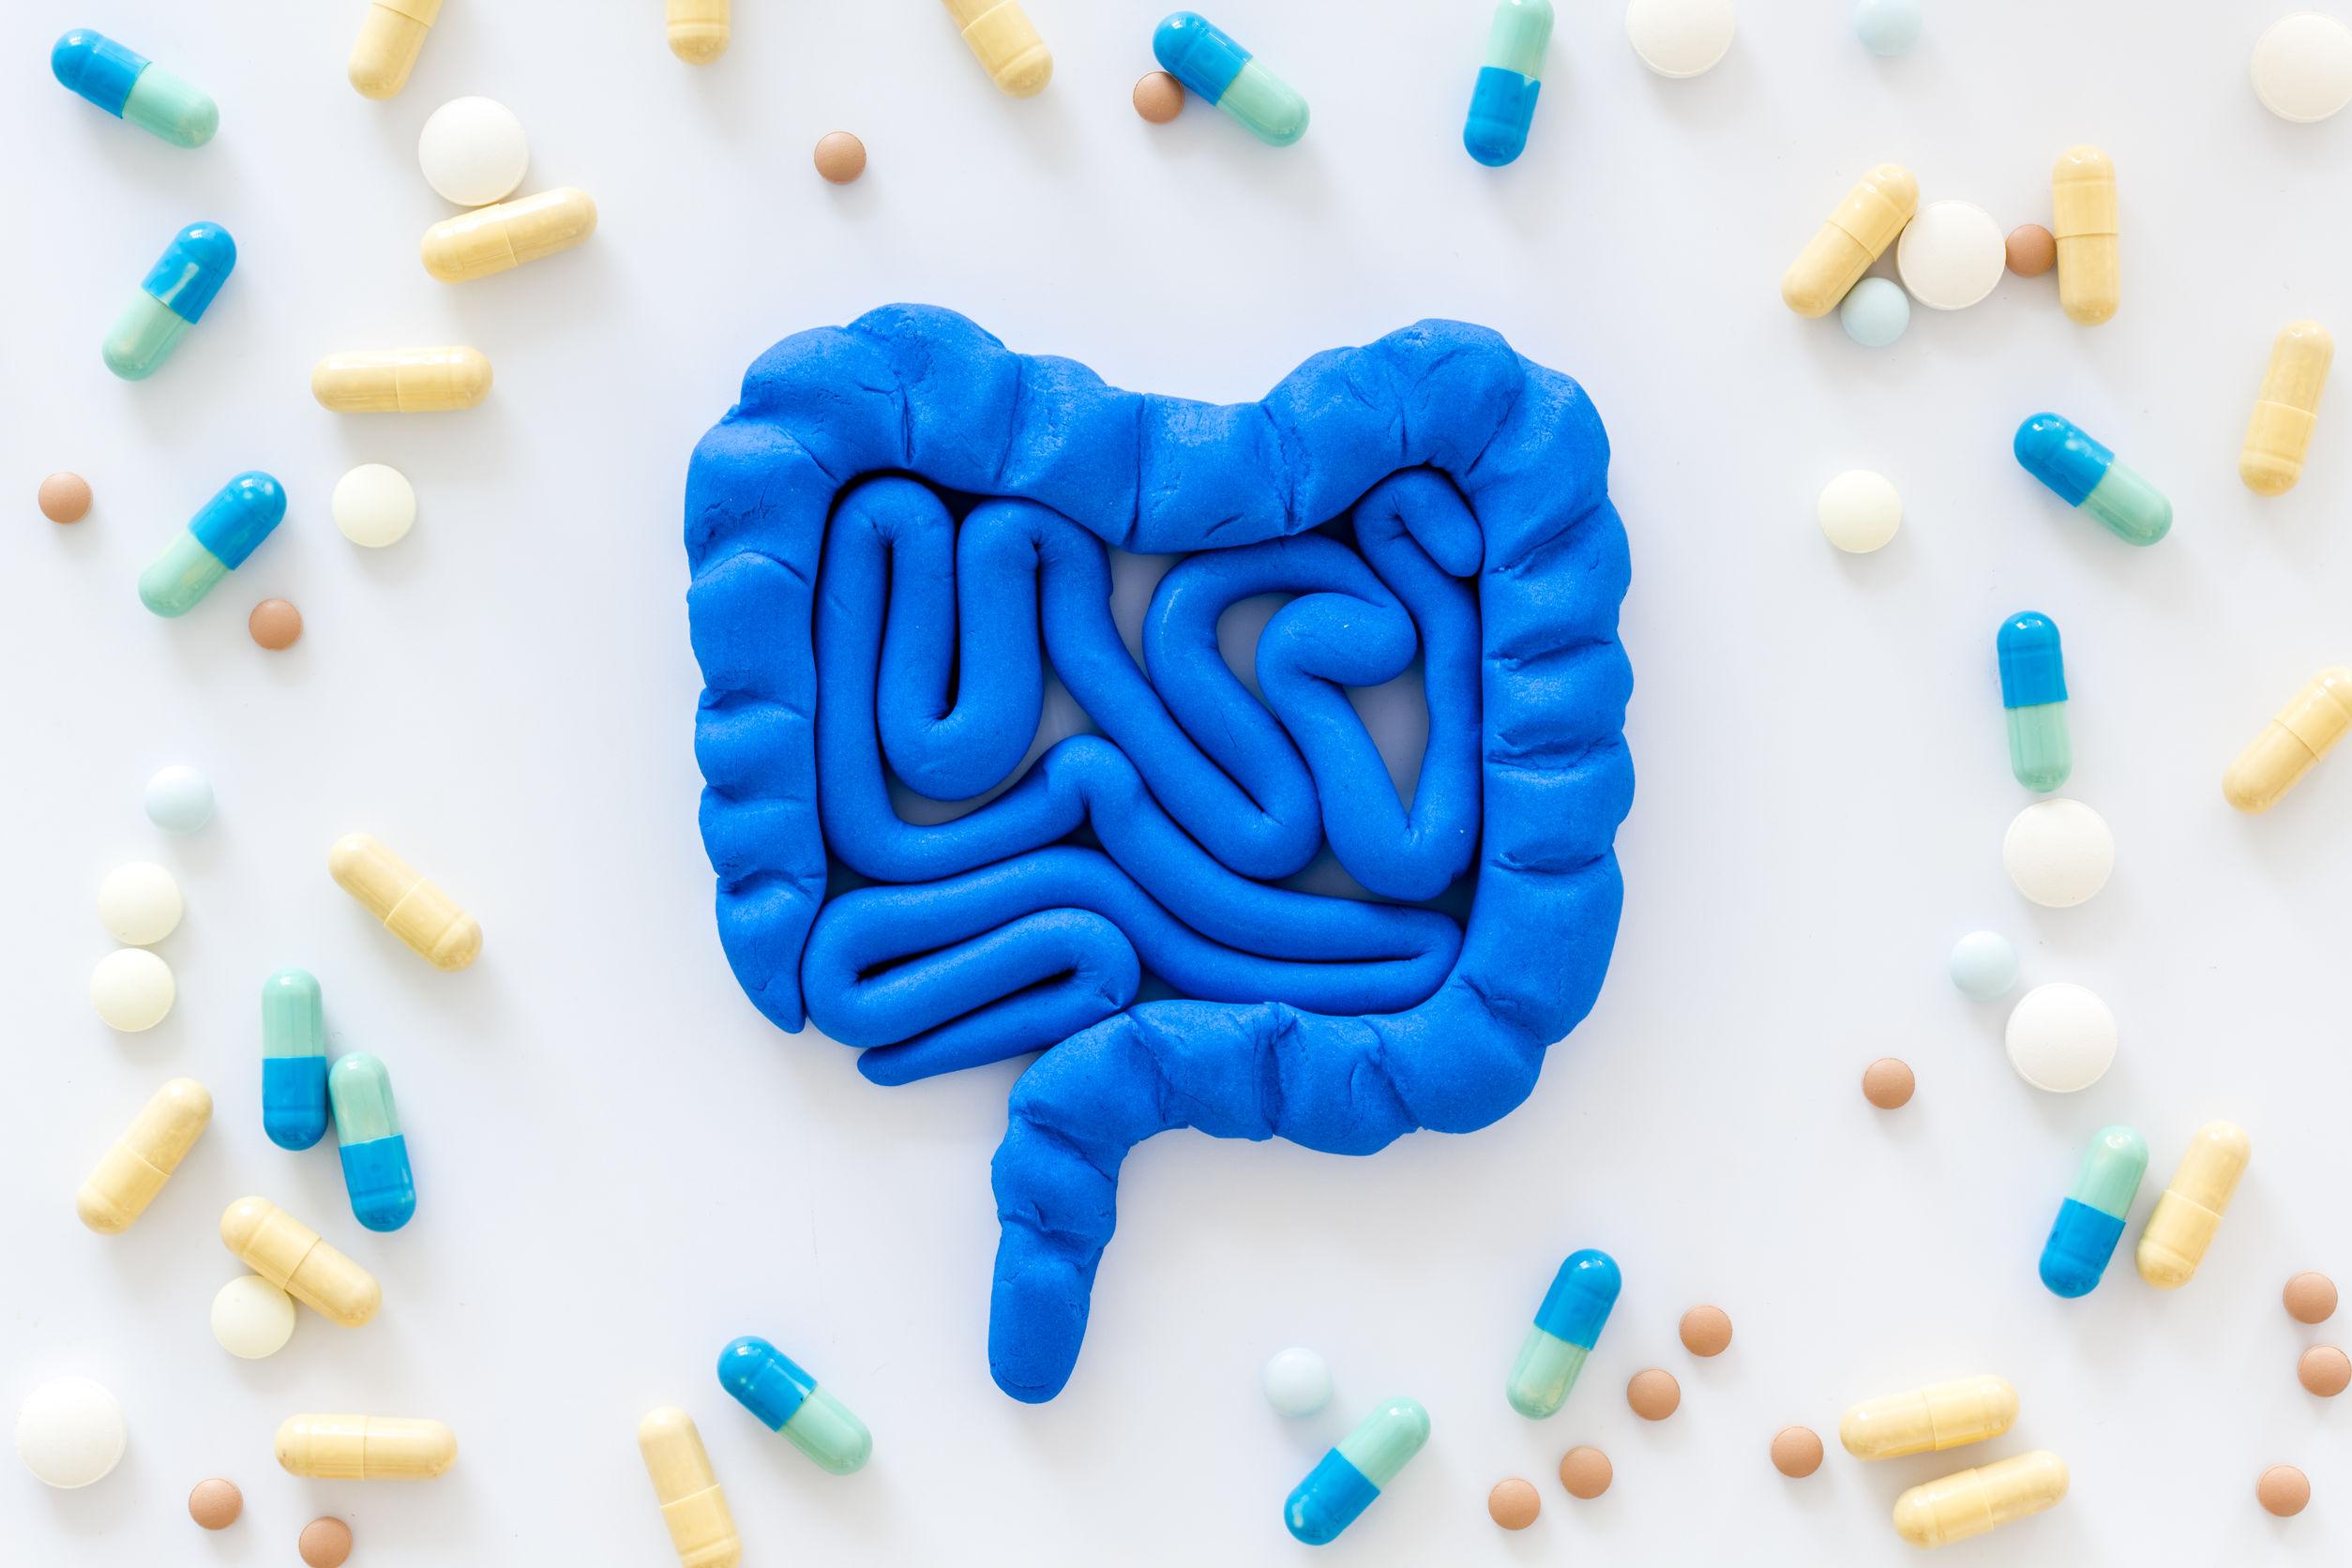 Esistono rimedi per il colon irritabile? Esplorando gli strumenti terapeutici